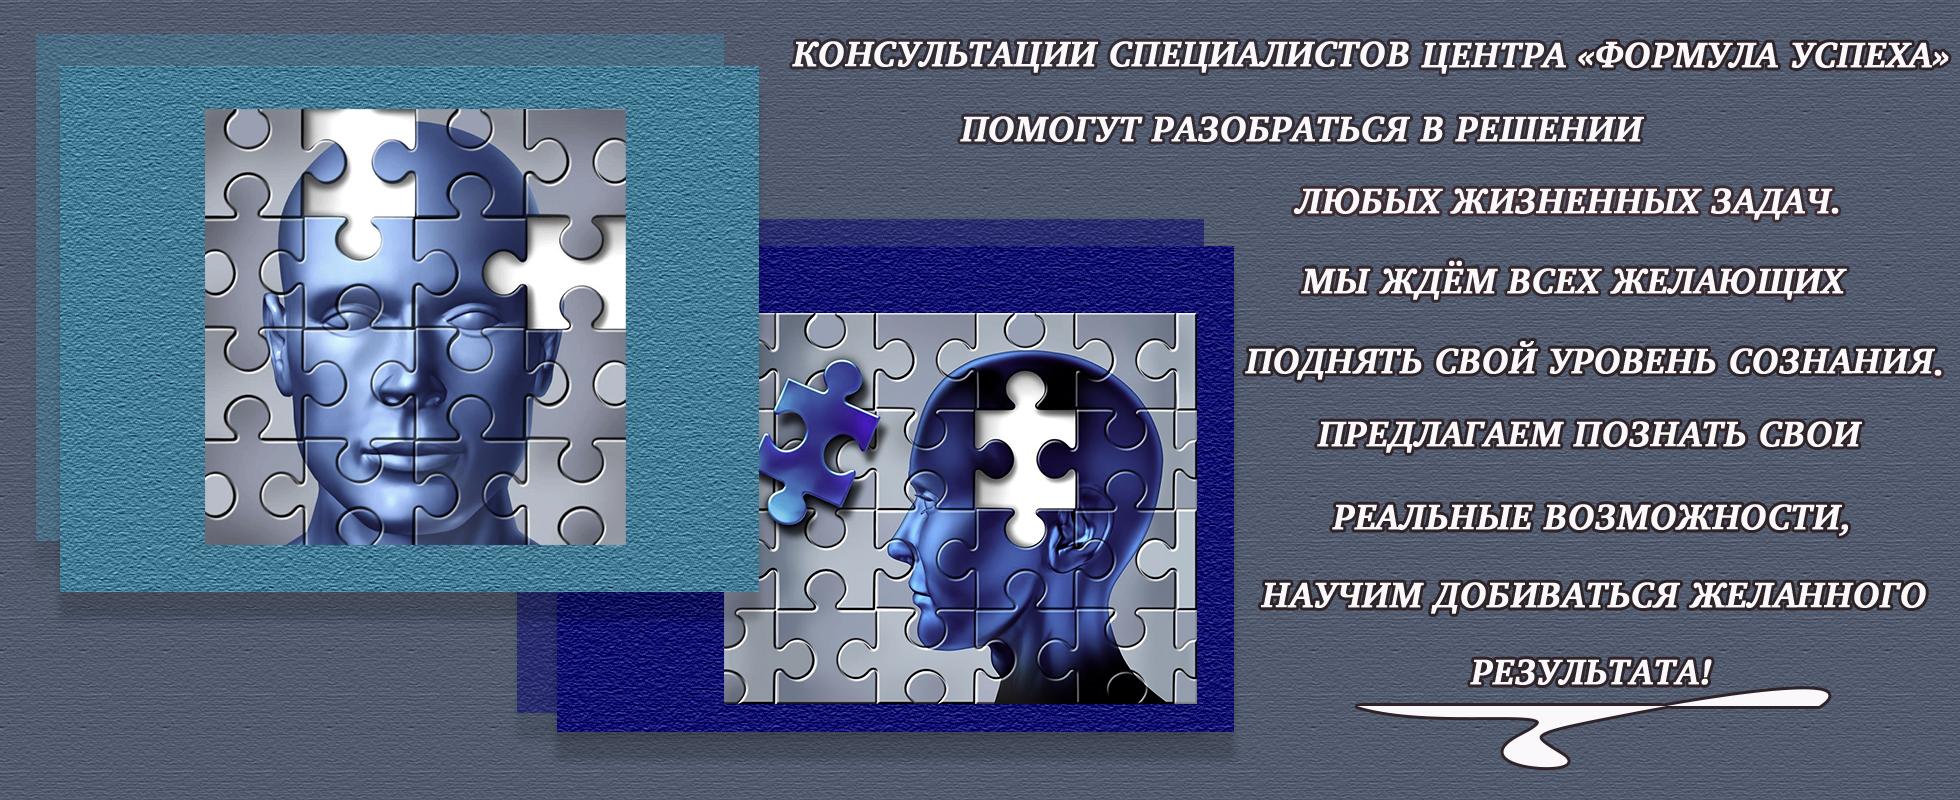 Астропсихологии Астрология Психология Натальная карта